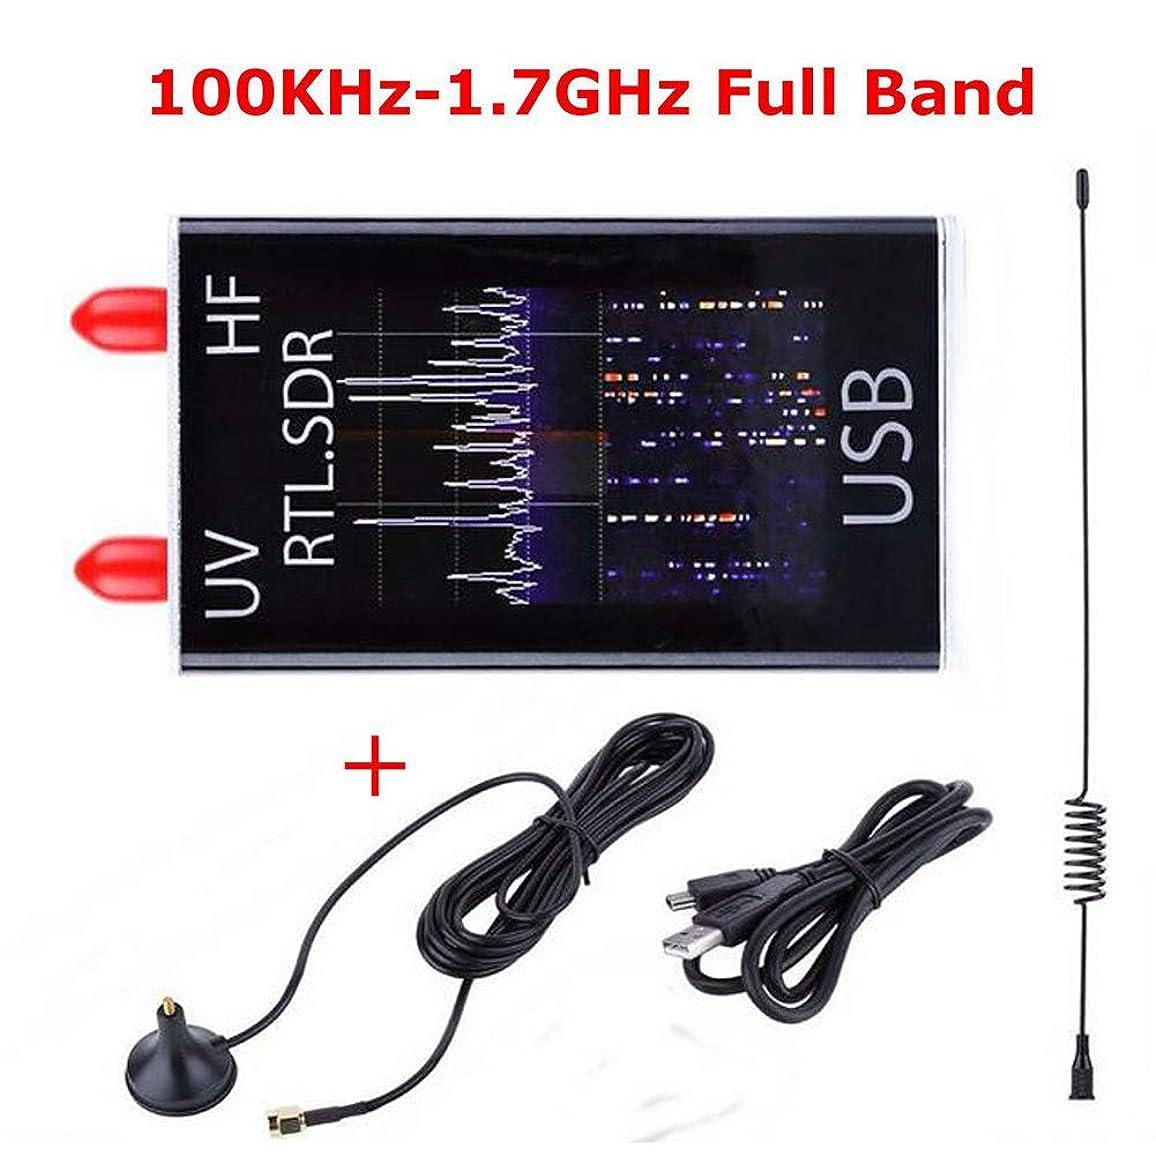 オーバーラン耕す告白するACHICOO 100KHz?1.7GHzフルバンドUV HF RTL-SDR USBチューナーレシーバ/ R820T + 8232ハムラジオ